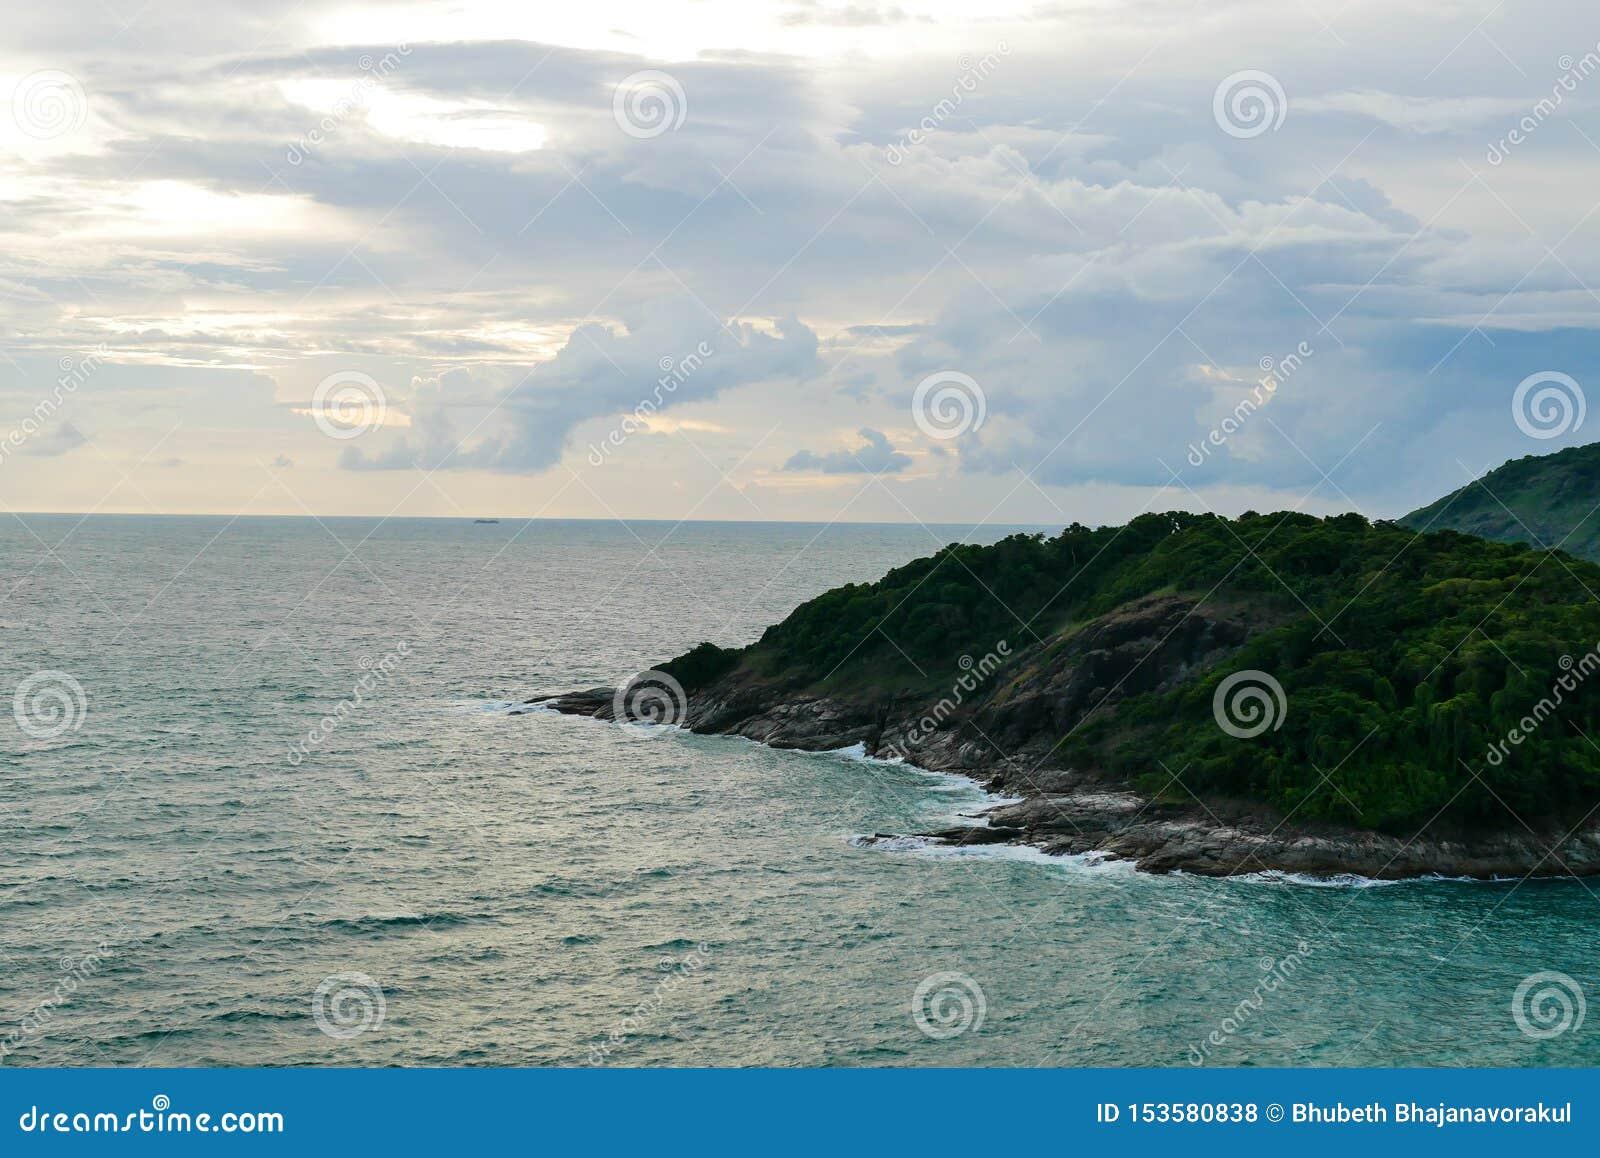 Όμορφο φυσικό τοπίο ηλιοβασιλέματος της ακτής και της θάλασσας στο τοπ σημείο άποψης του ακρωτηρίου Promthep σε Phuket, Ταϊλάνδη